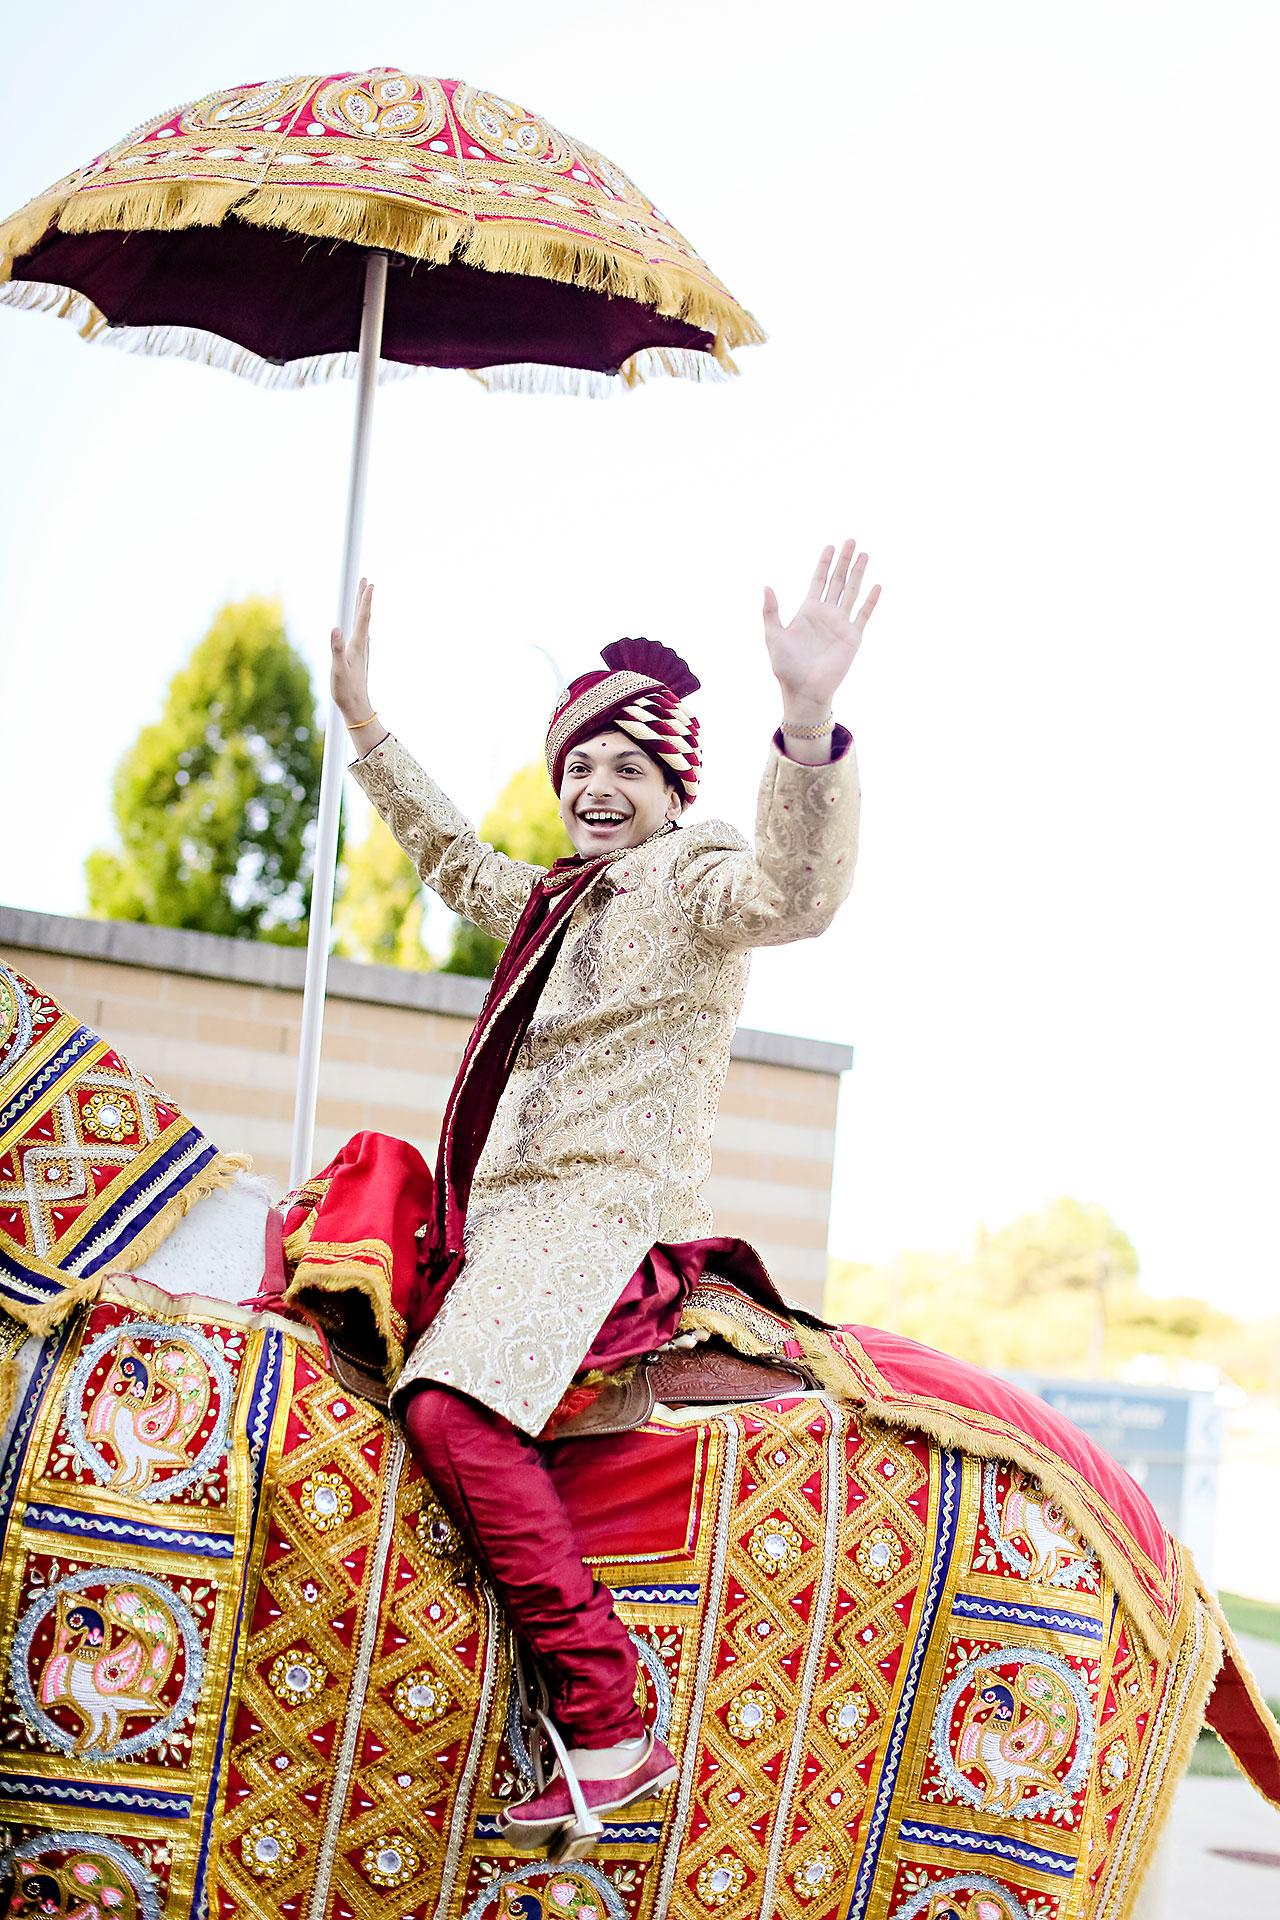 Joie Nikhil JW Marriott Indian Wedding 170